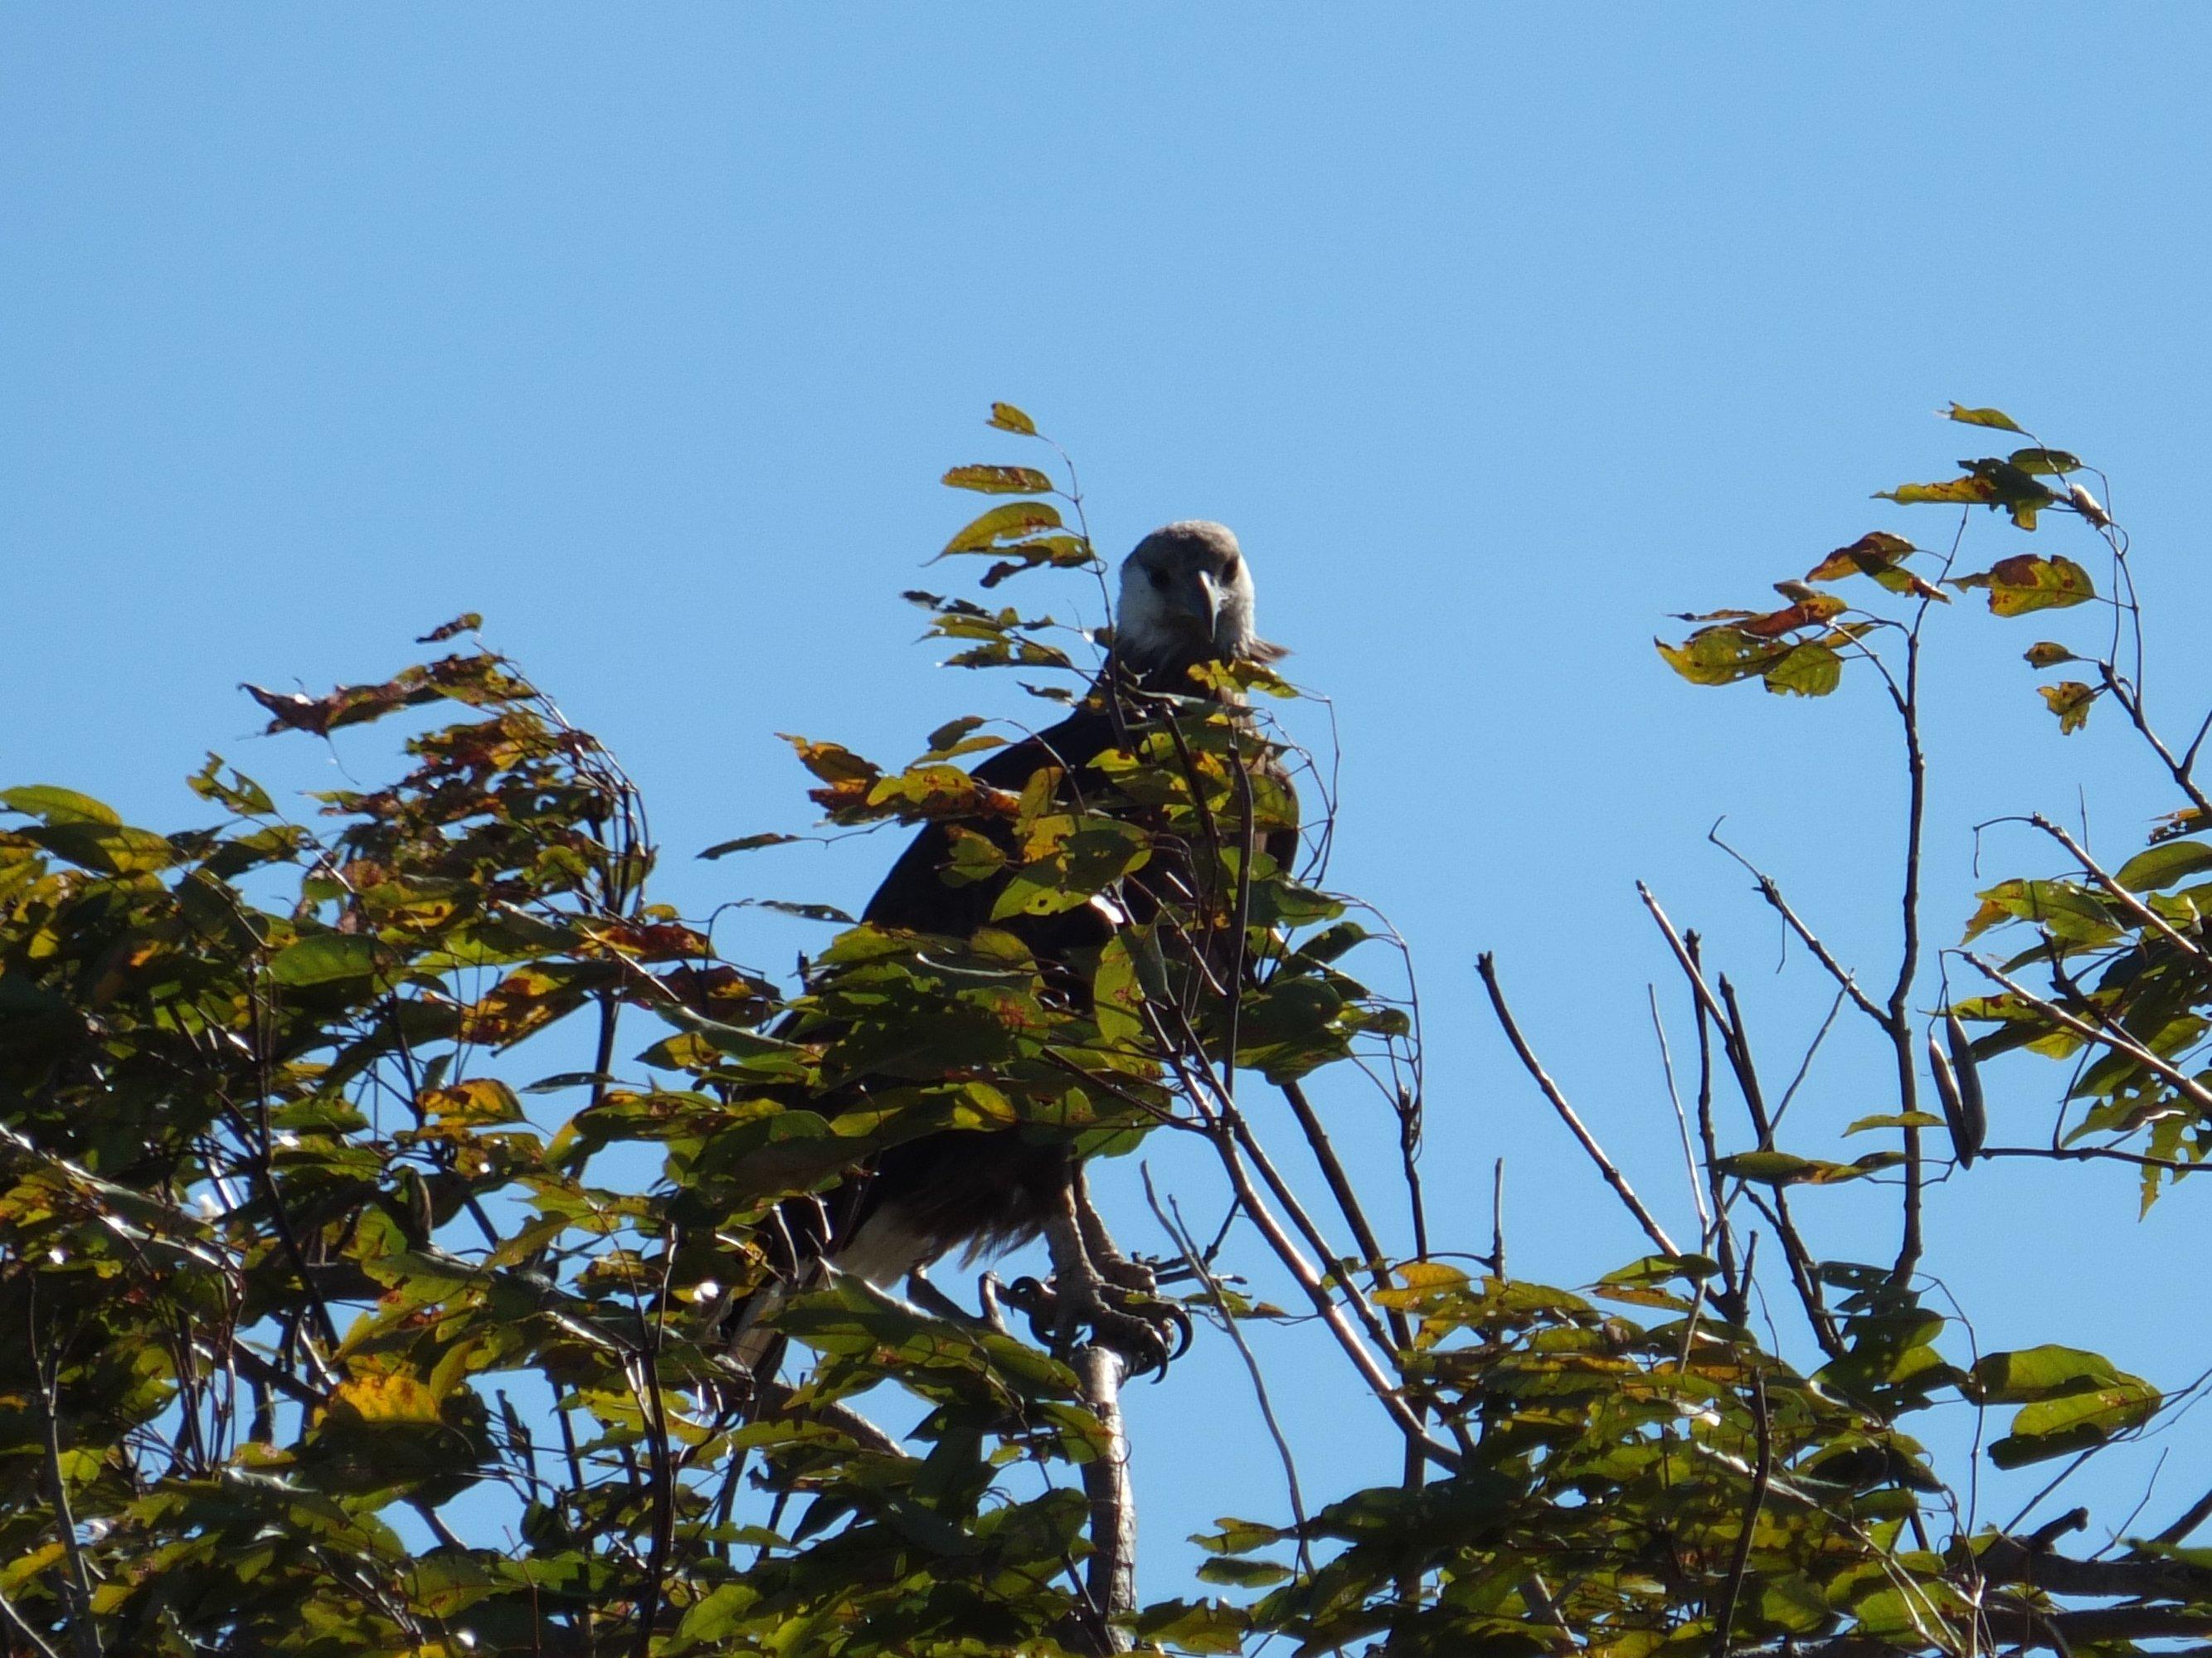 Aspinall 2020 07 fish eagle at Marofototra by Lucien Randrianarimanana 01